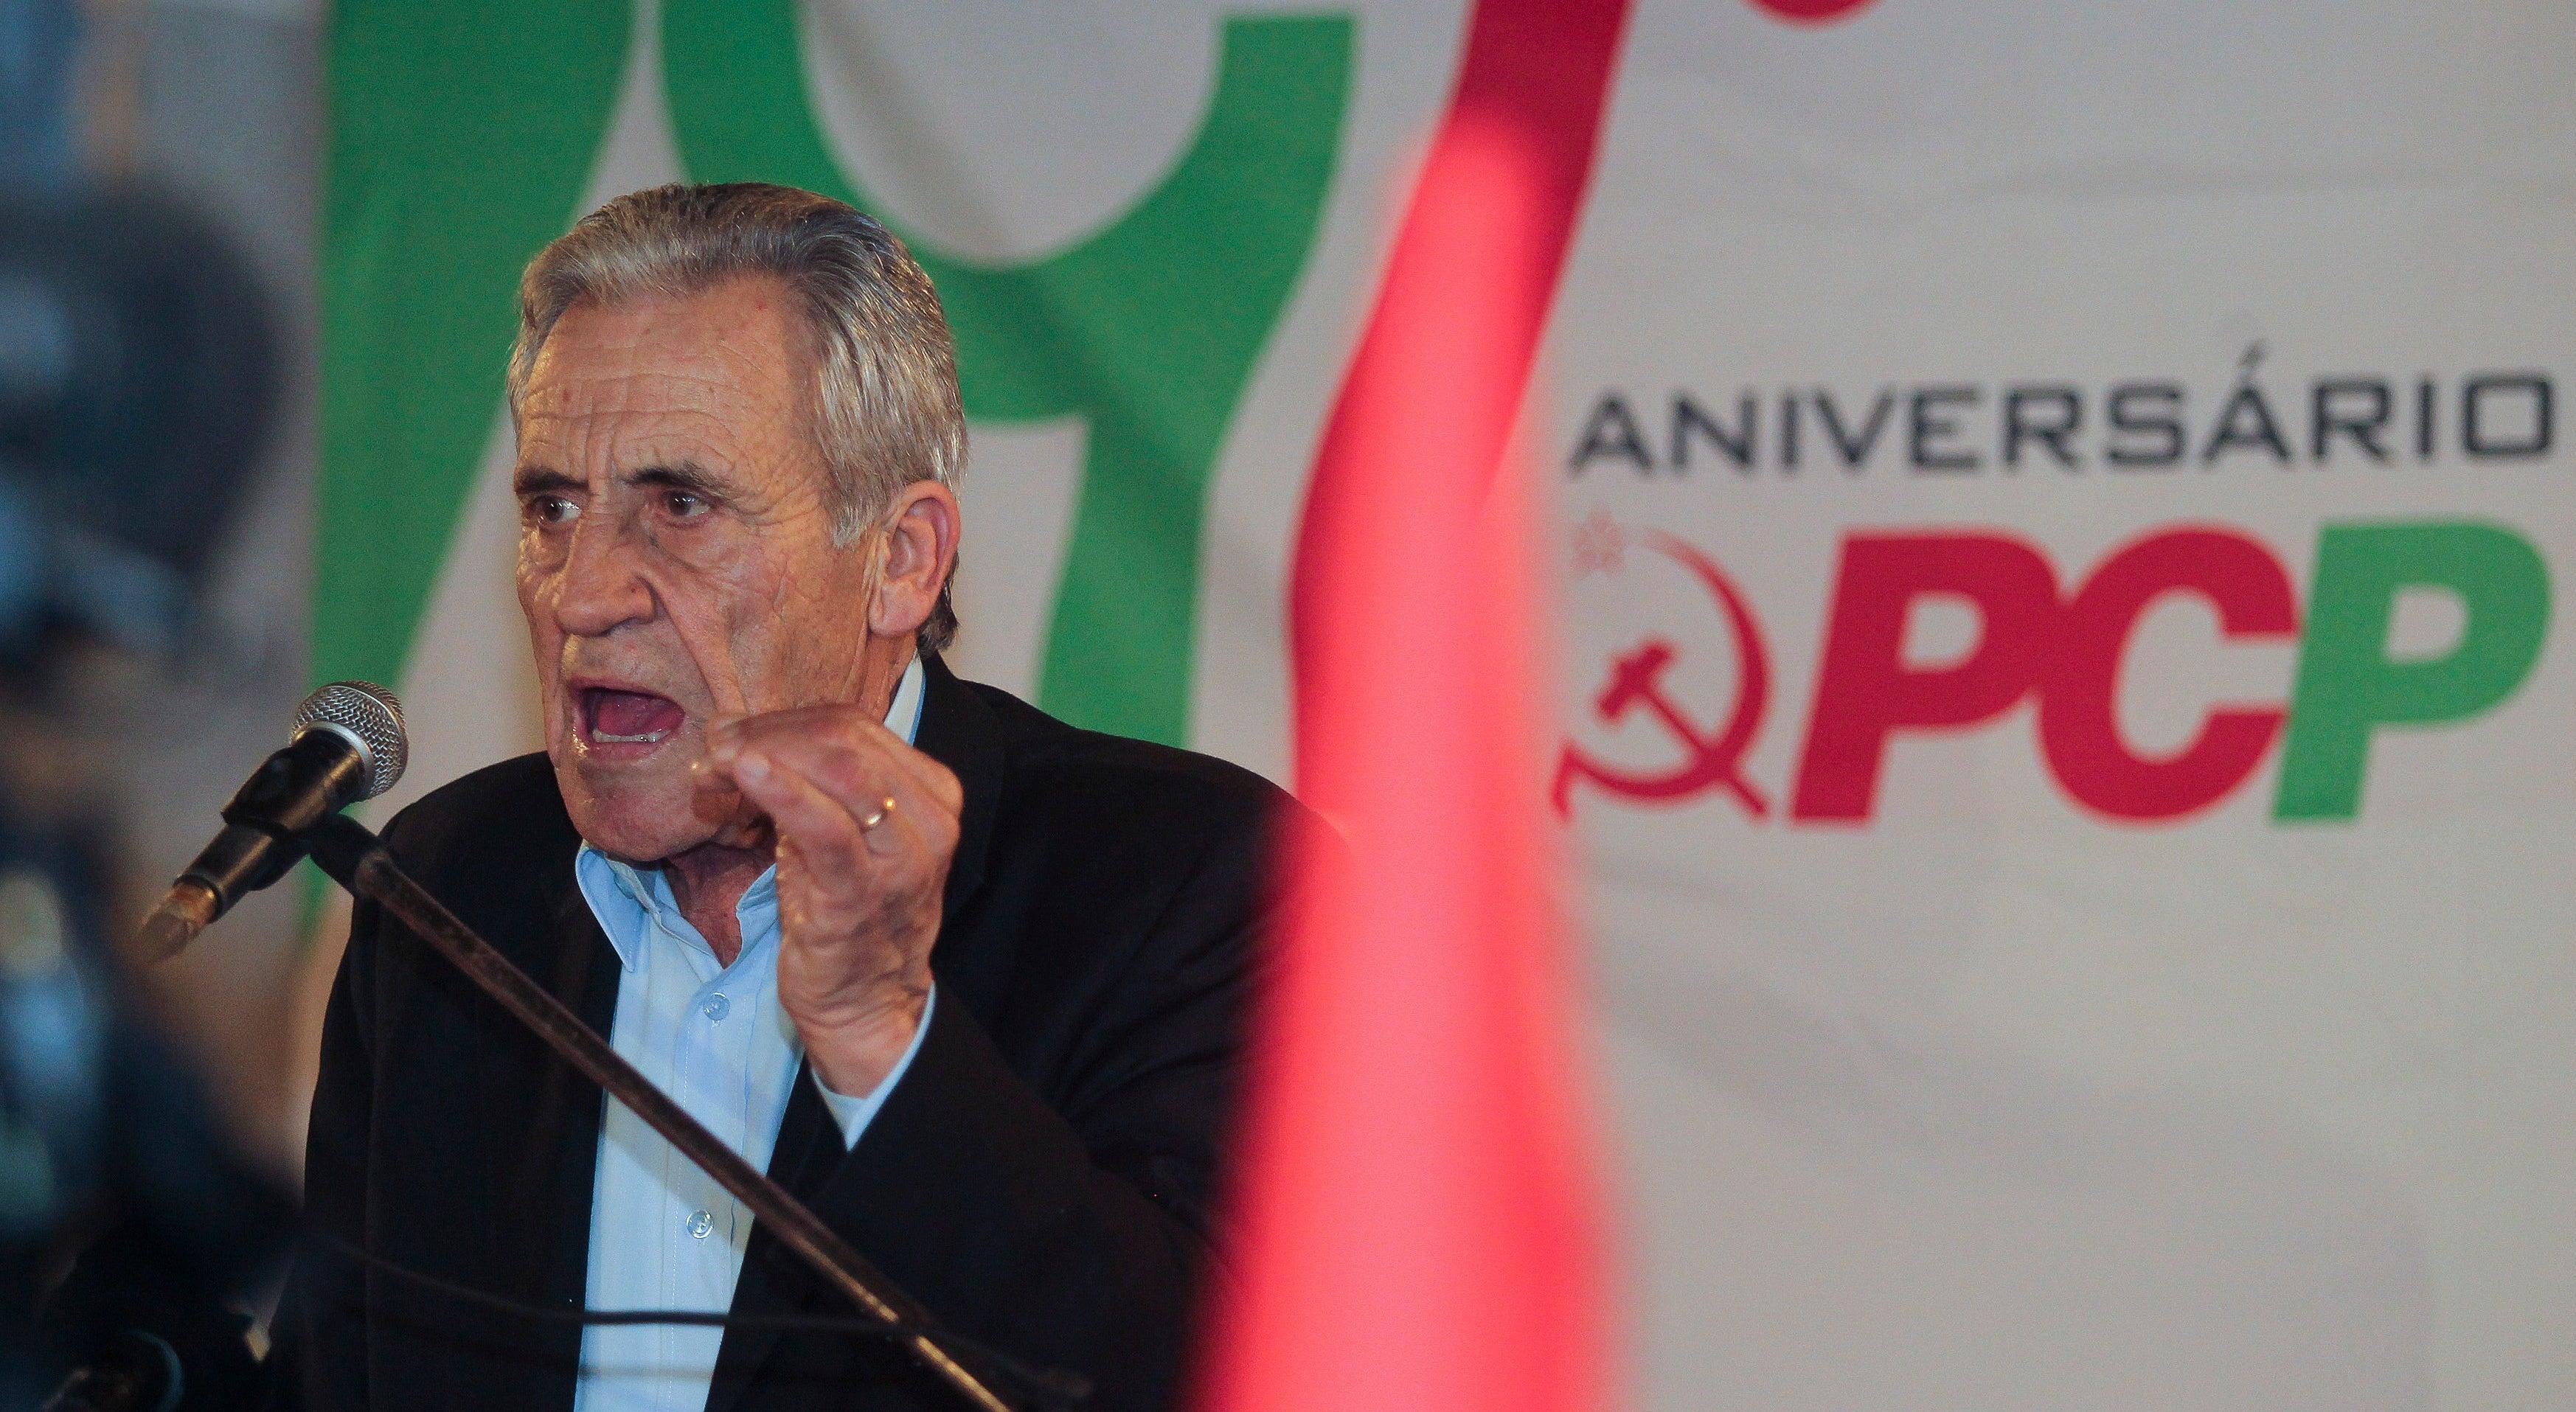 Jerónimo de Sousa denuncia estar em curso um bloco central informal entre PSD e PS